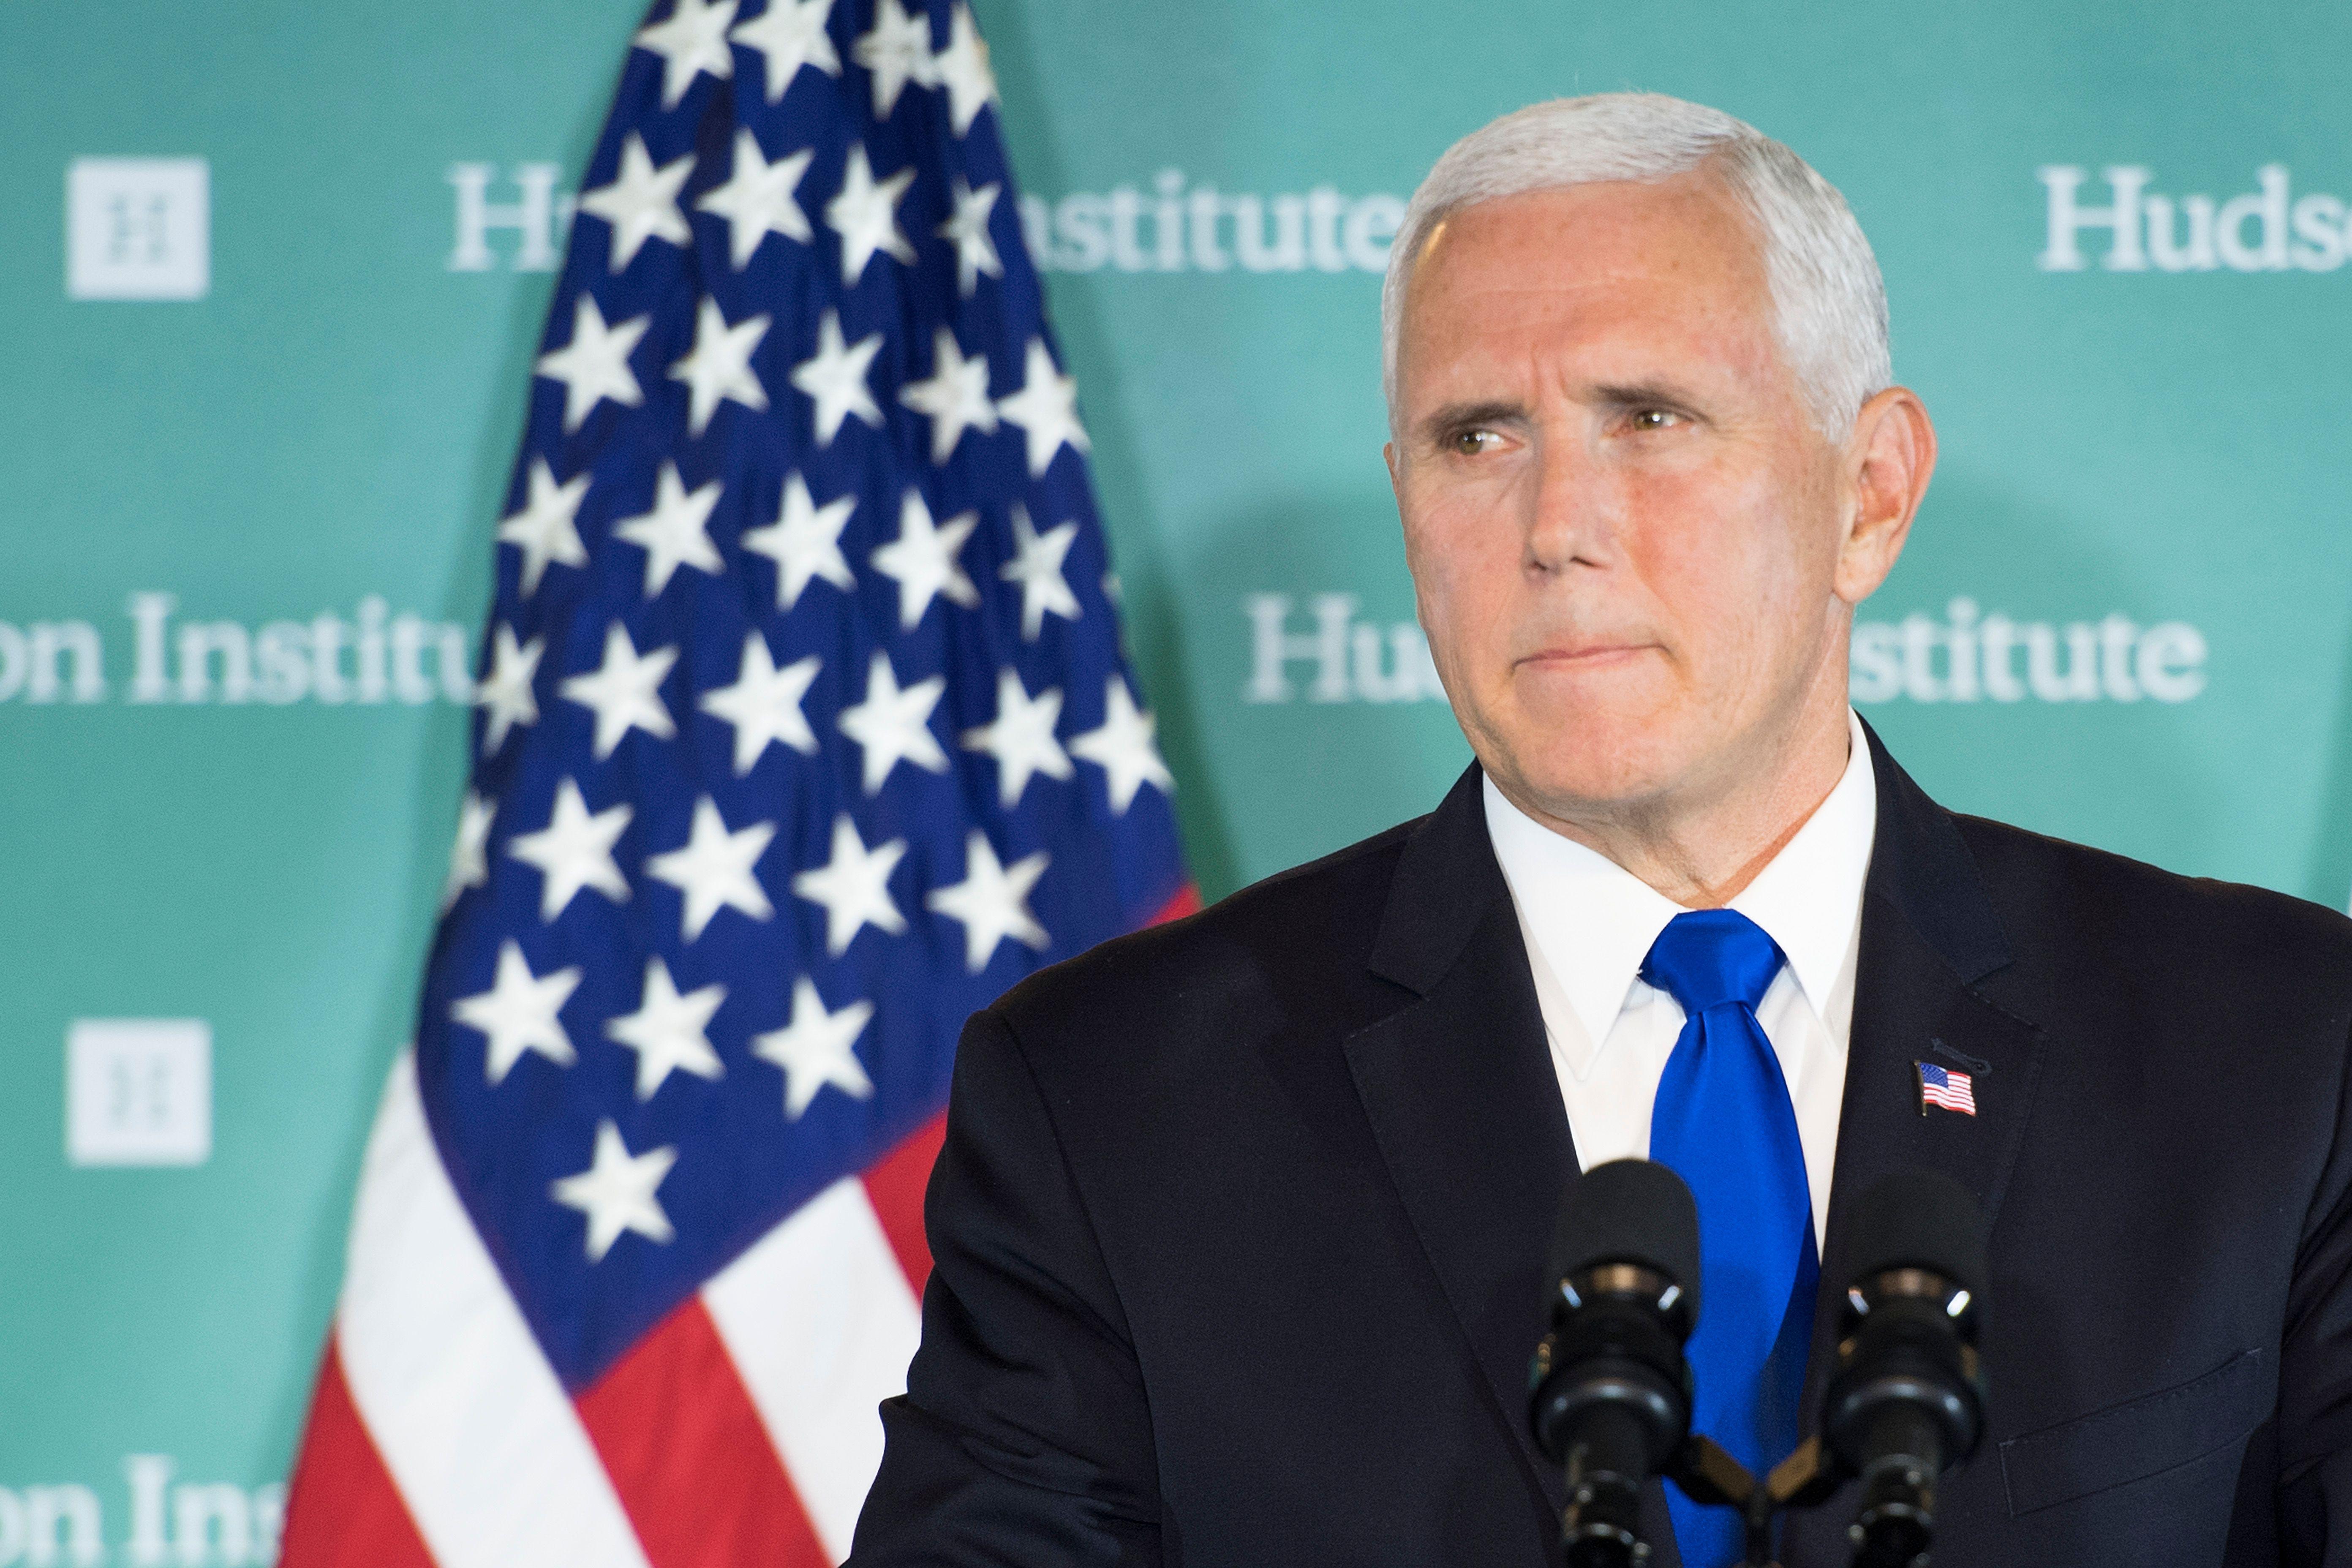 10月4日,美國副總統彭斯在華盛頓智囊哈德遜研究所發表演講,在特朗普聯大演講的基礎上,闡述了白宮對中國的政策。(JIM WATSON/AFP/Getty Images)